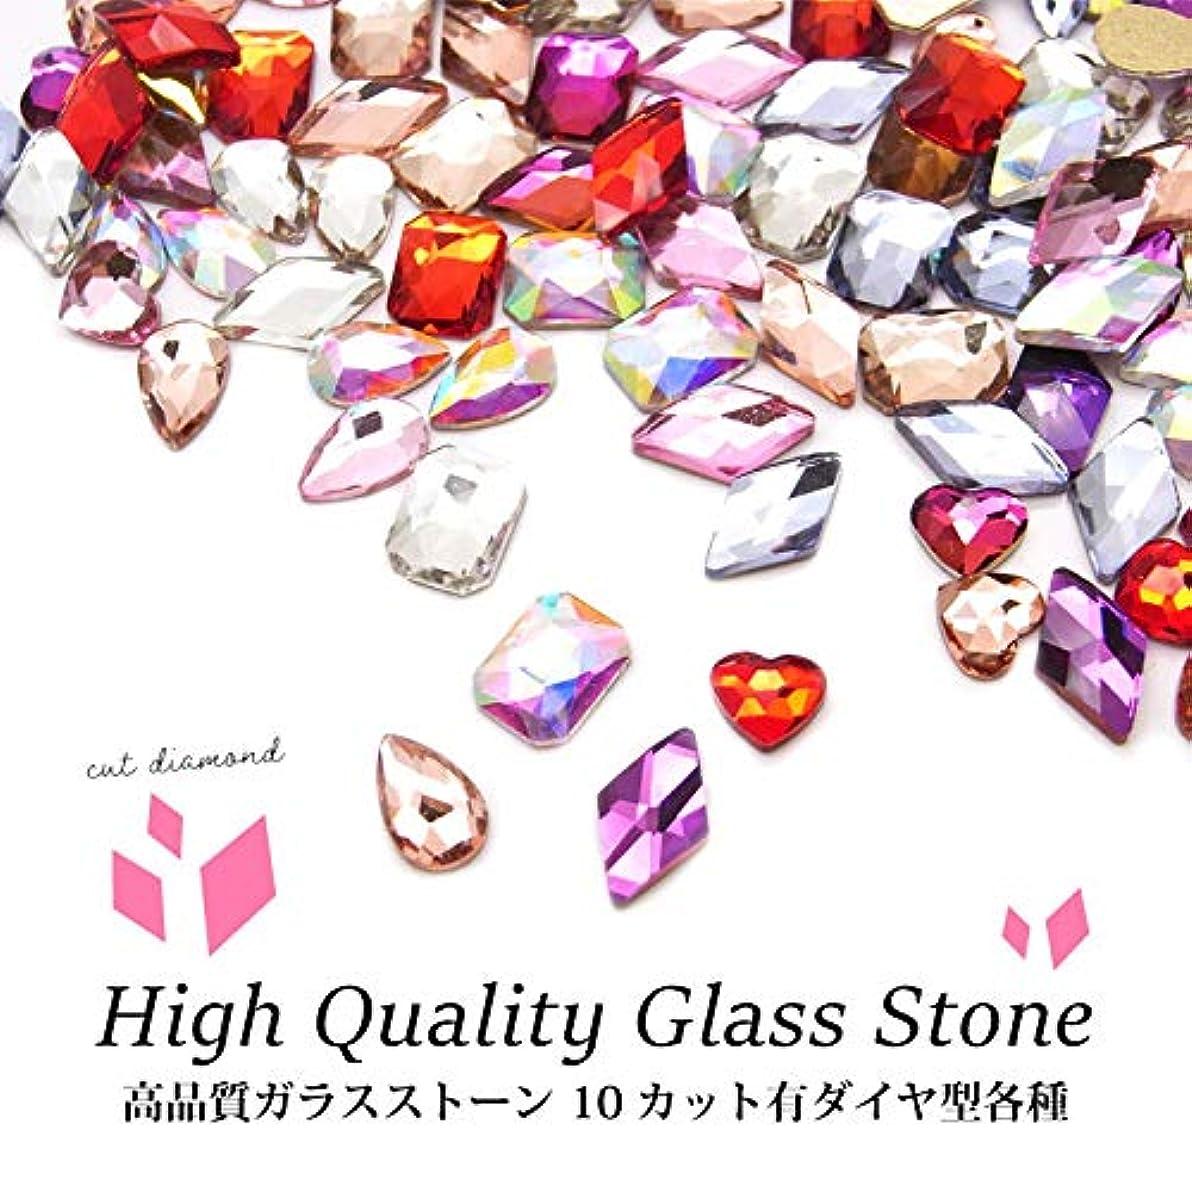 フルーティー内側ボタン高品質ガラスストーン 10 カット有ダイヤ型 各種 5個入り (6.ライトローズ)